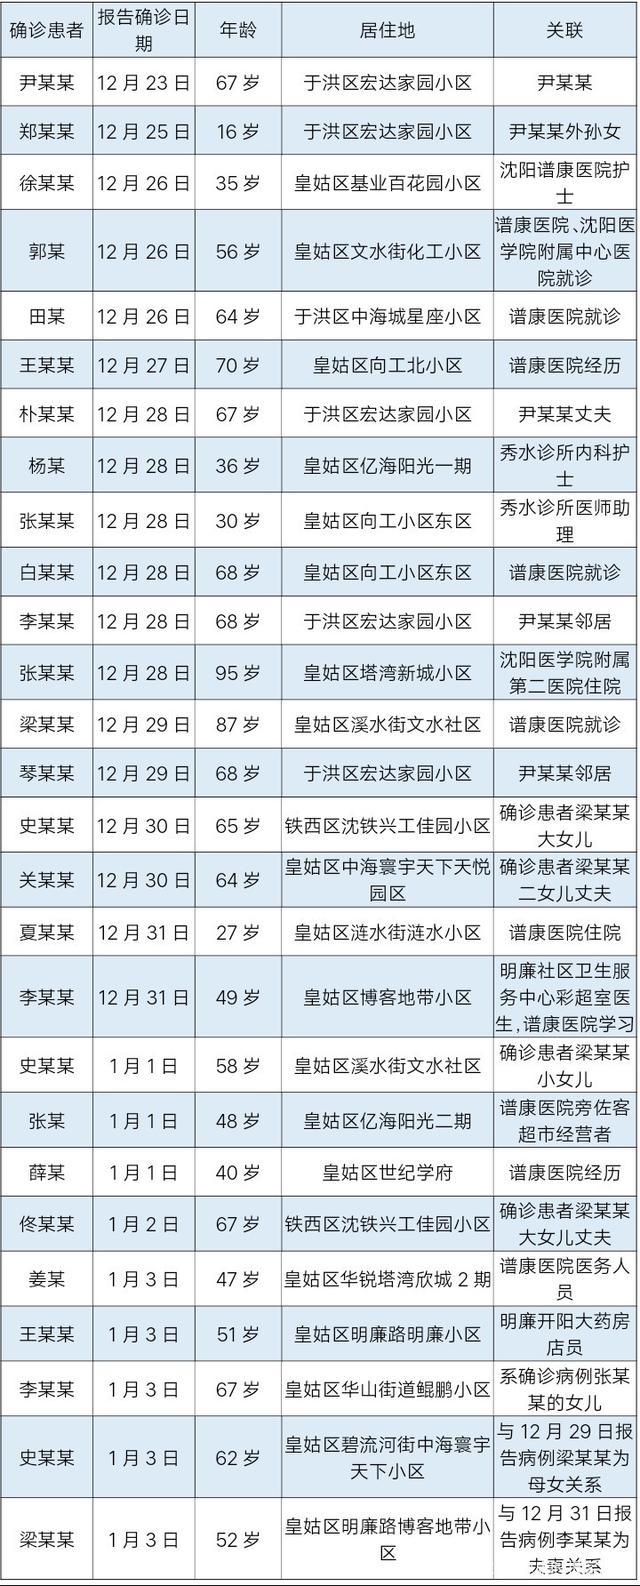 沈阳疫情1传27 首例确诊者轨迹公布,沈阳疫情最新消息,尹某某